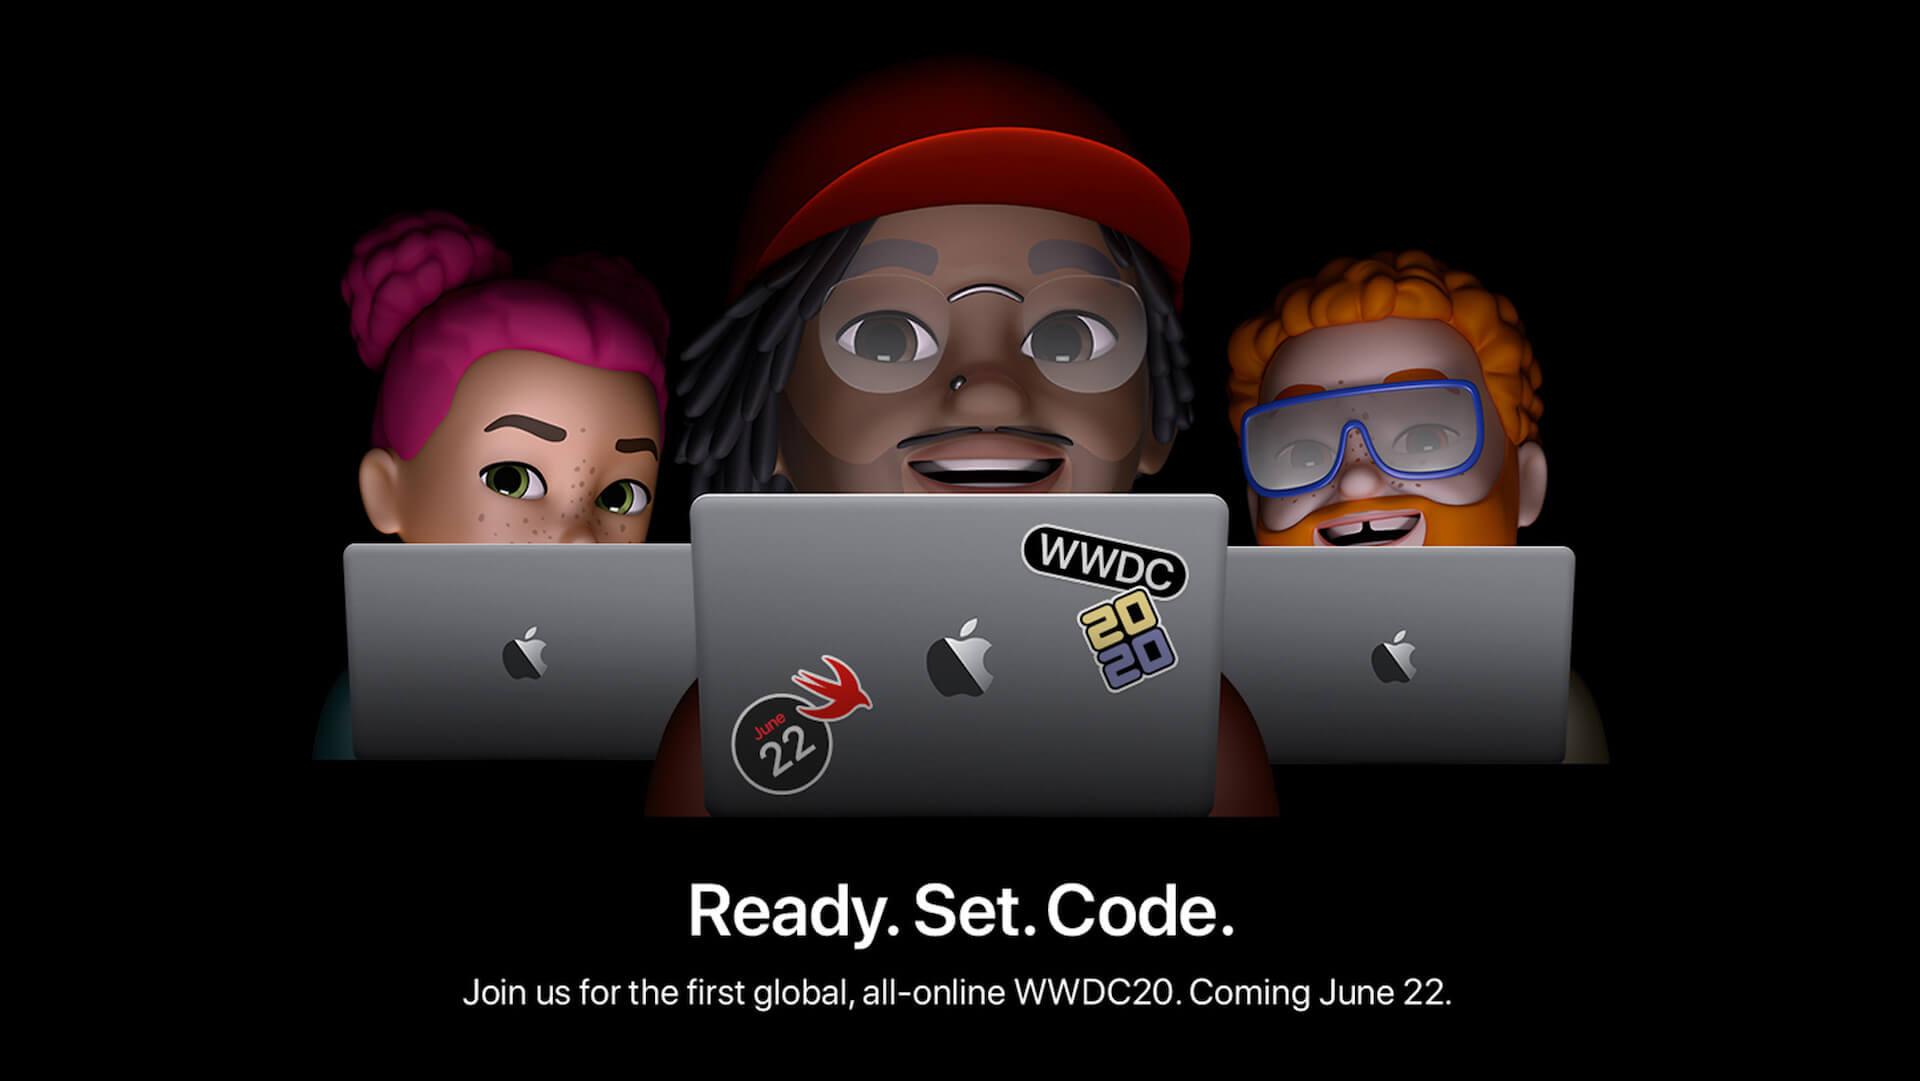 今月開催のApple<WWDC>でARM搭載のハードウェア&AirTagsを発表か? tech200609_apple_wwdc_1